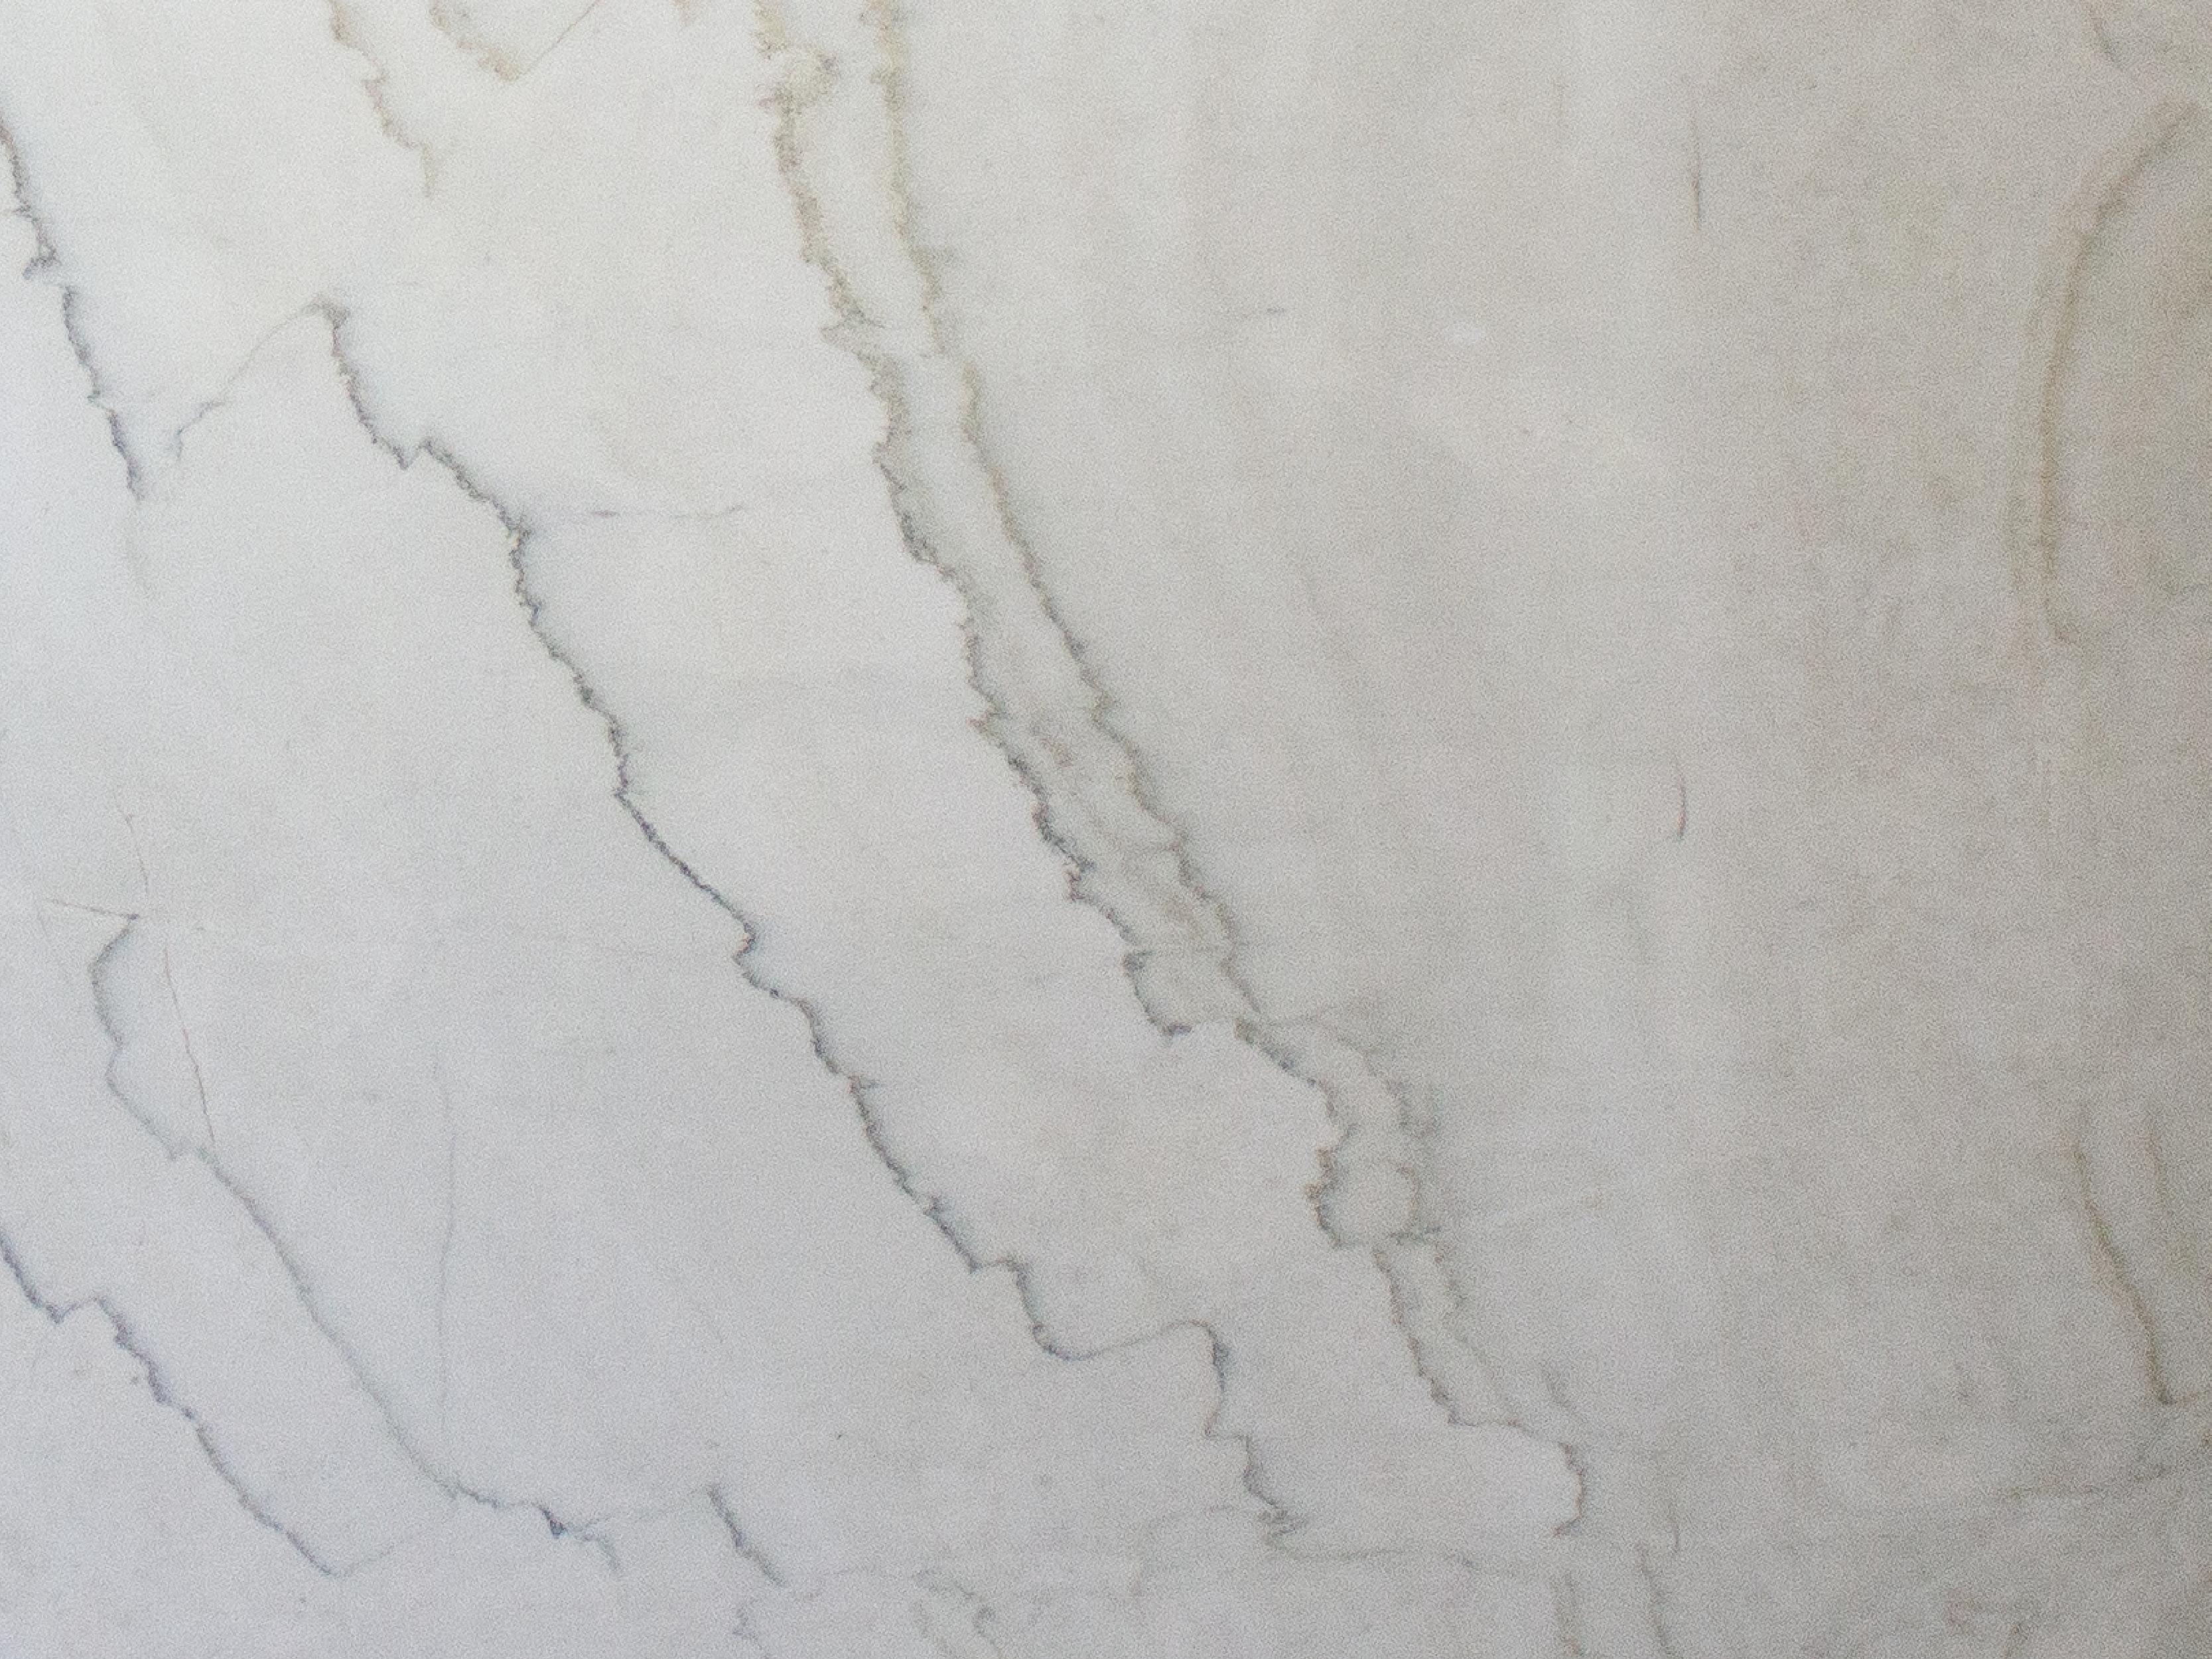 View of Quartzite - Calacatta Lux Quartzite 3cm